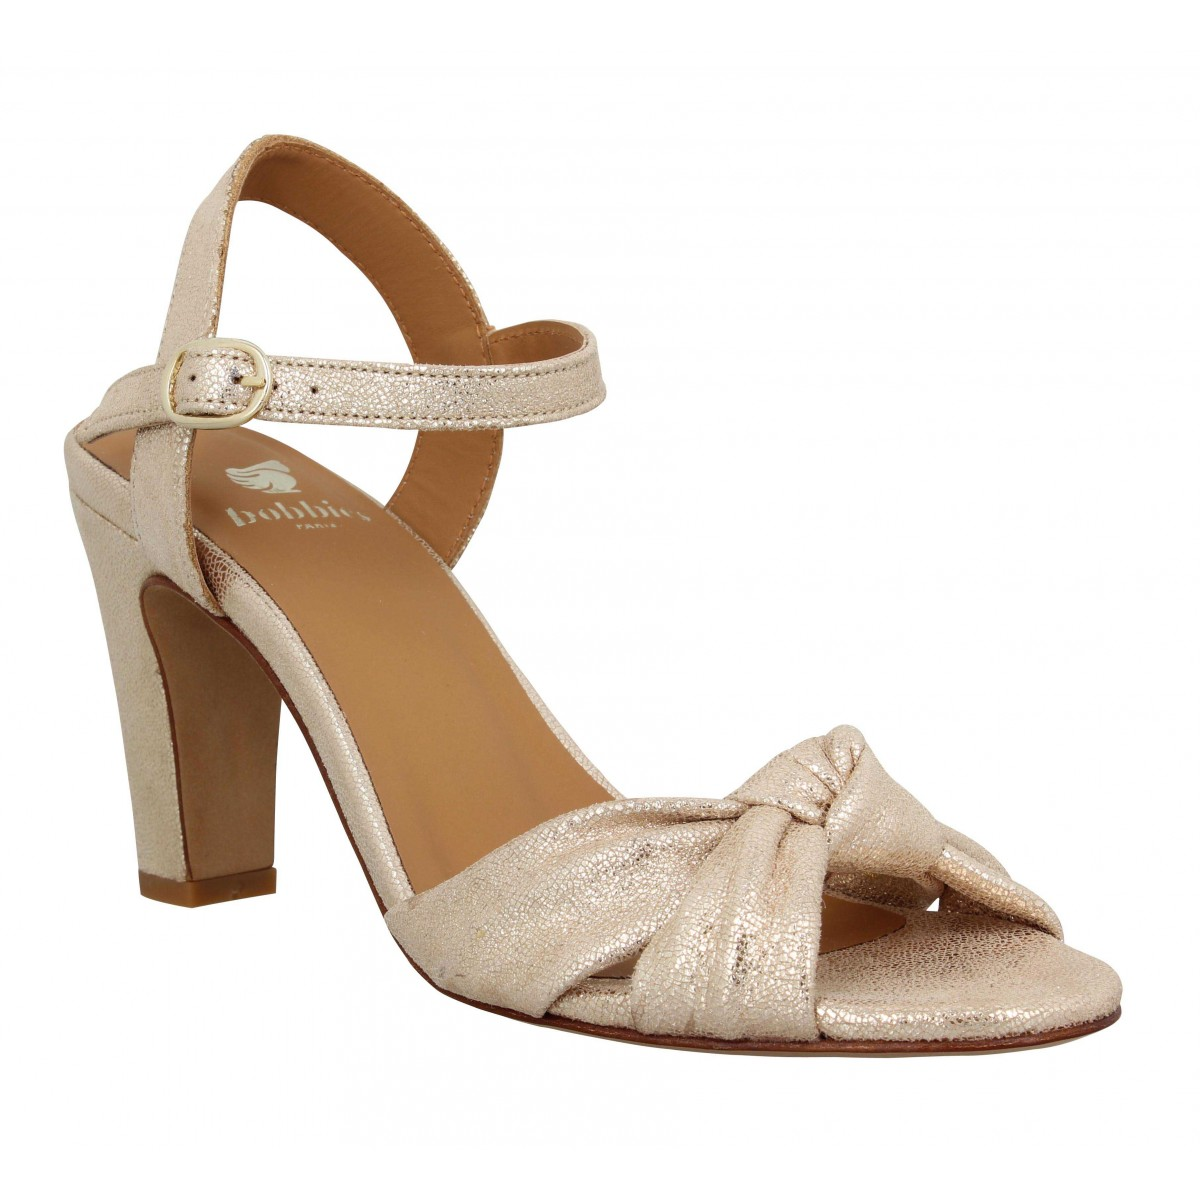 Sandales talons BOBBIES Candice cuir craquele Femme Champagne Irise